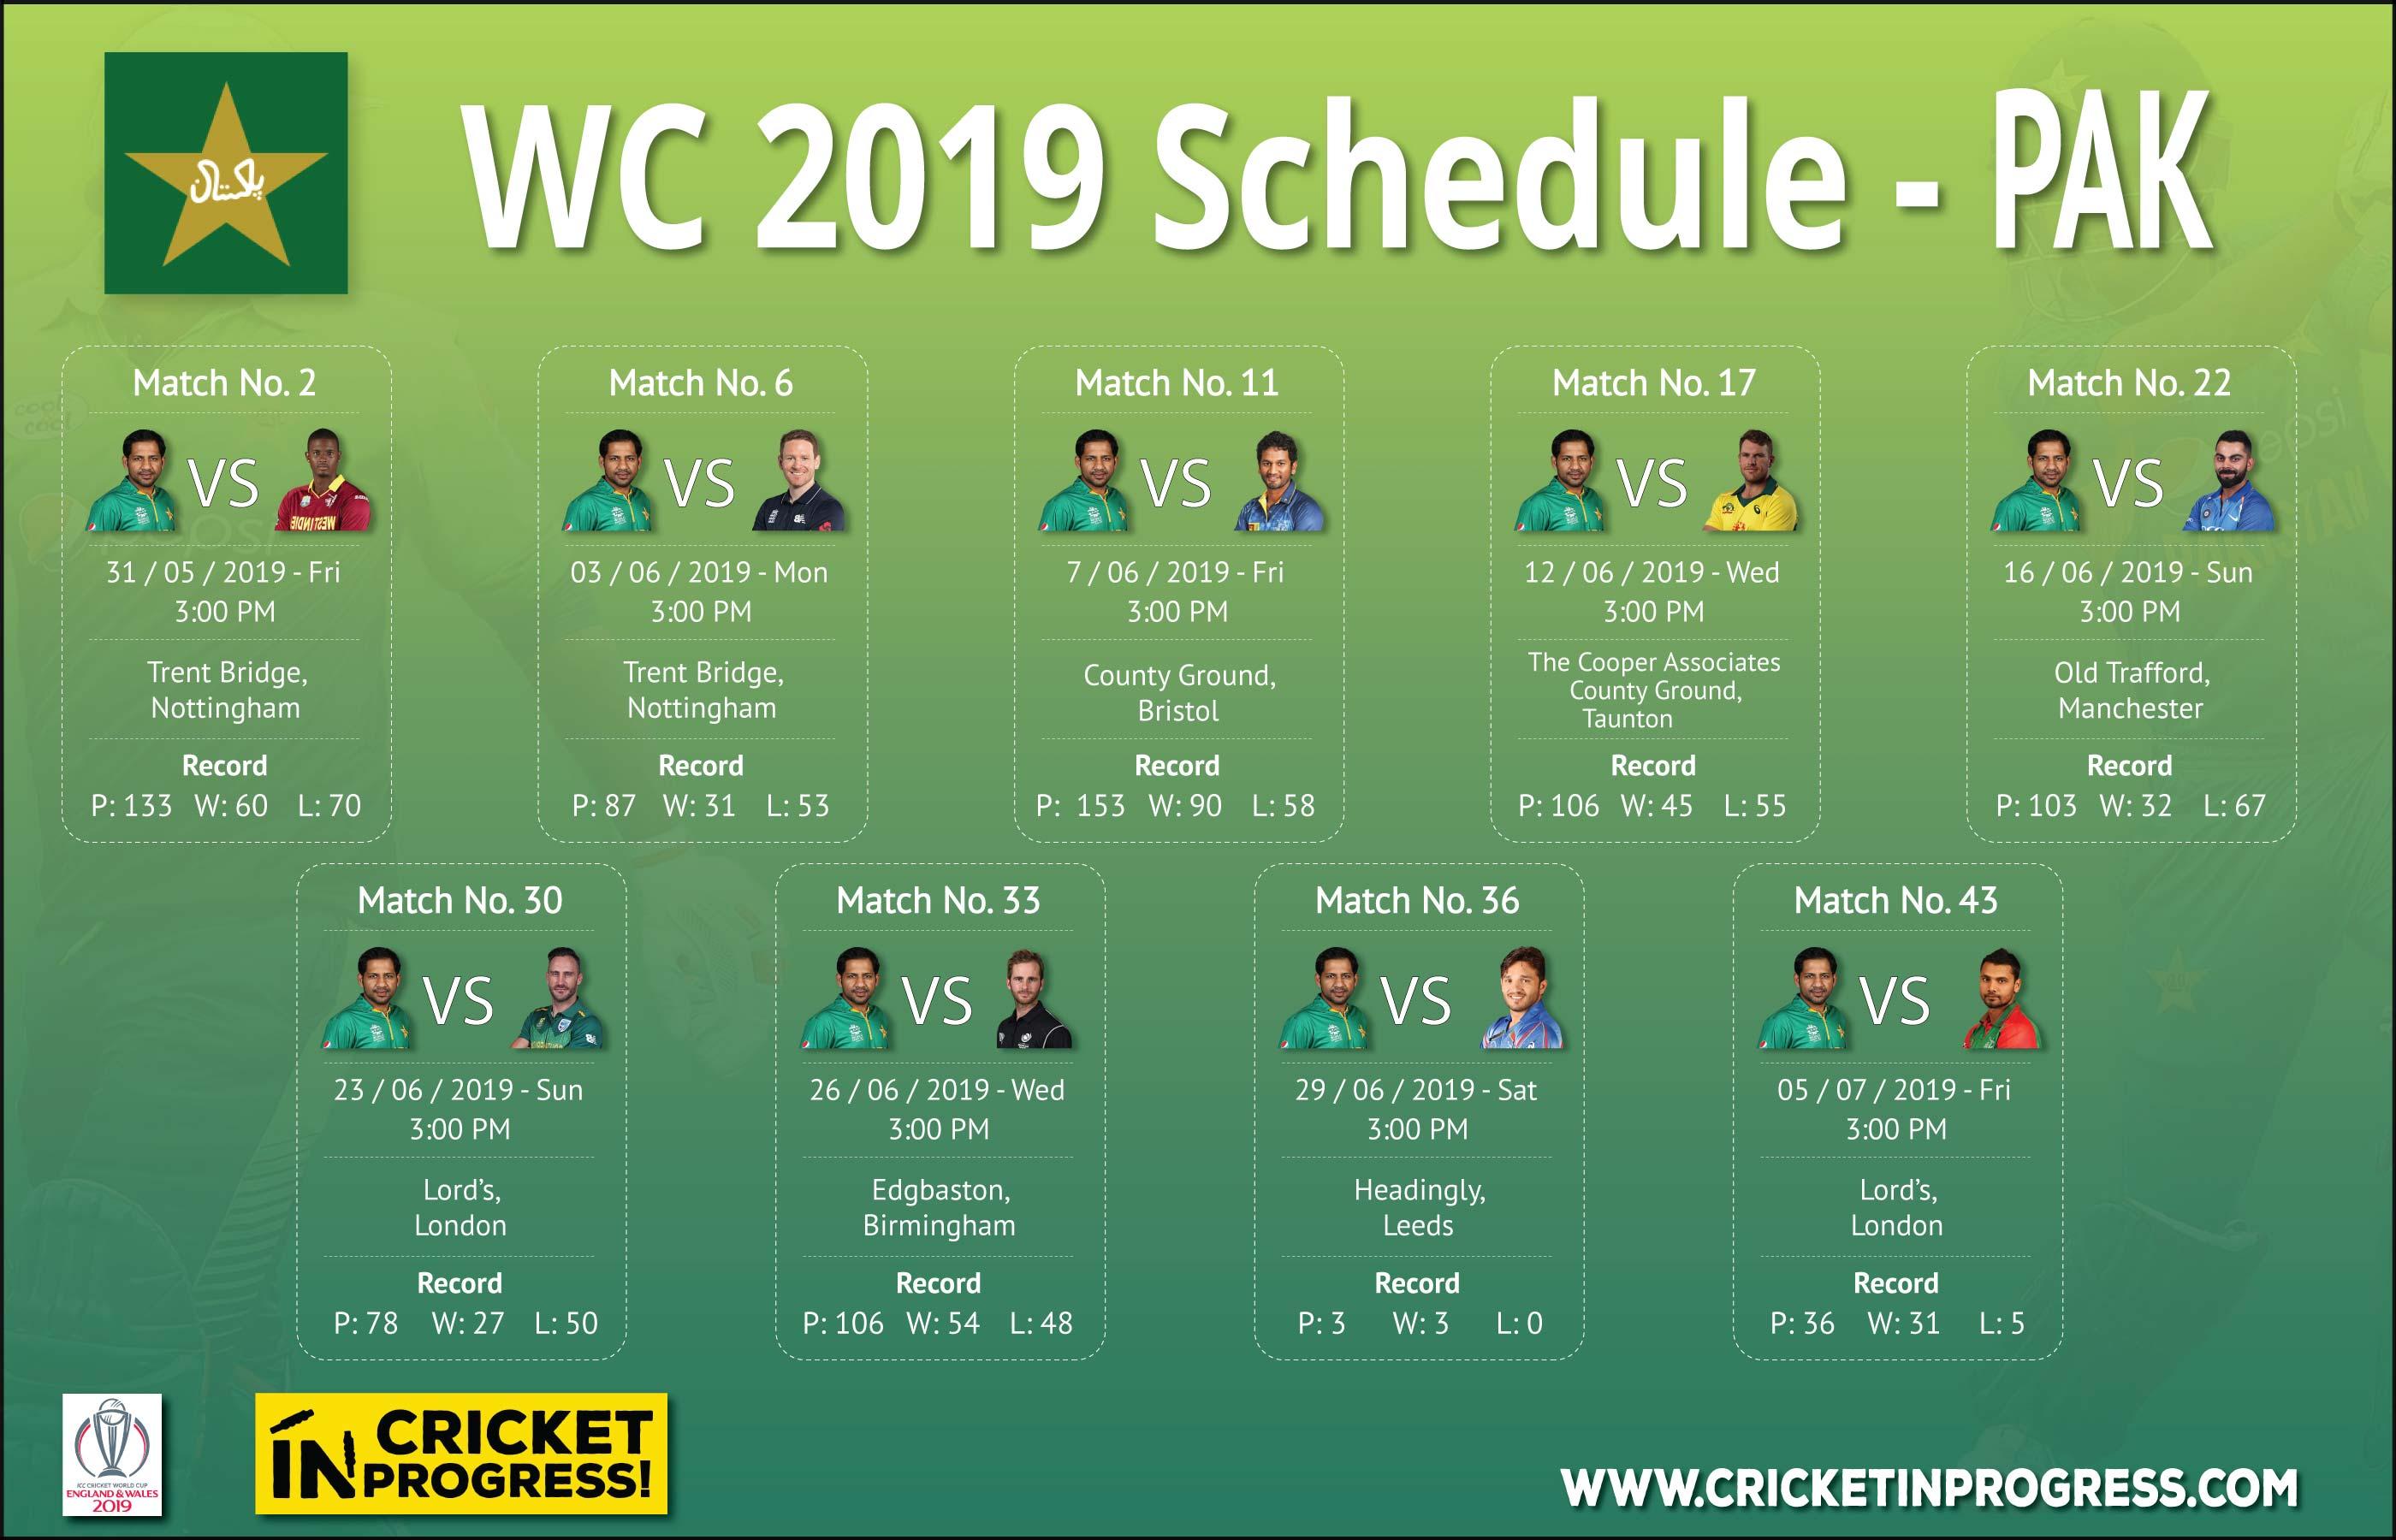 CWC 2019 Pakistan Schedule